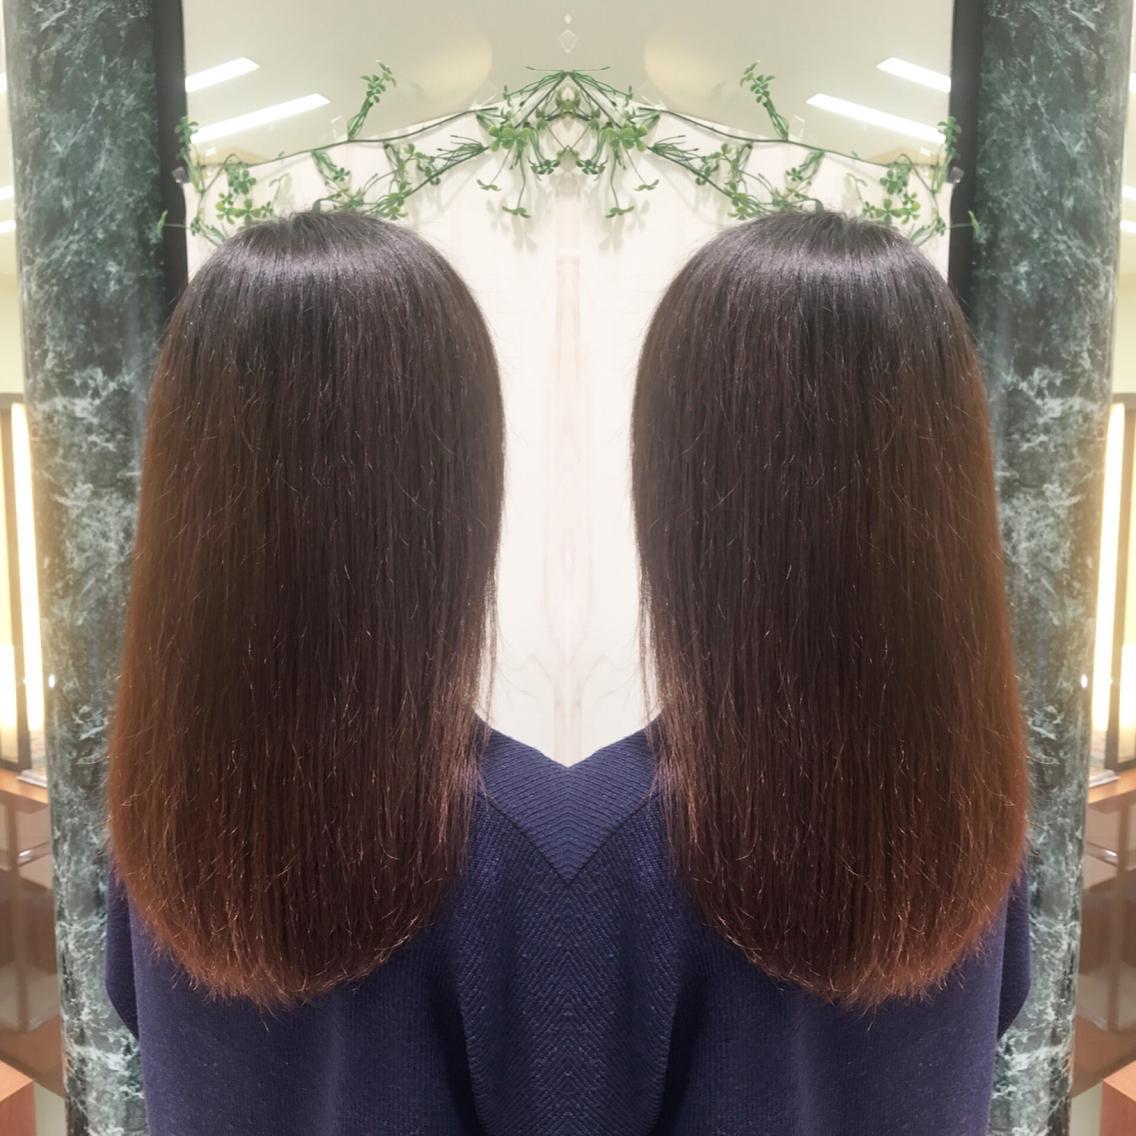 #セミロング #パーマ プレミアム縮毛矯正でサラツヤな髪へ💇✨